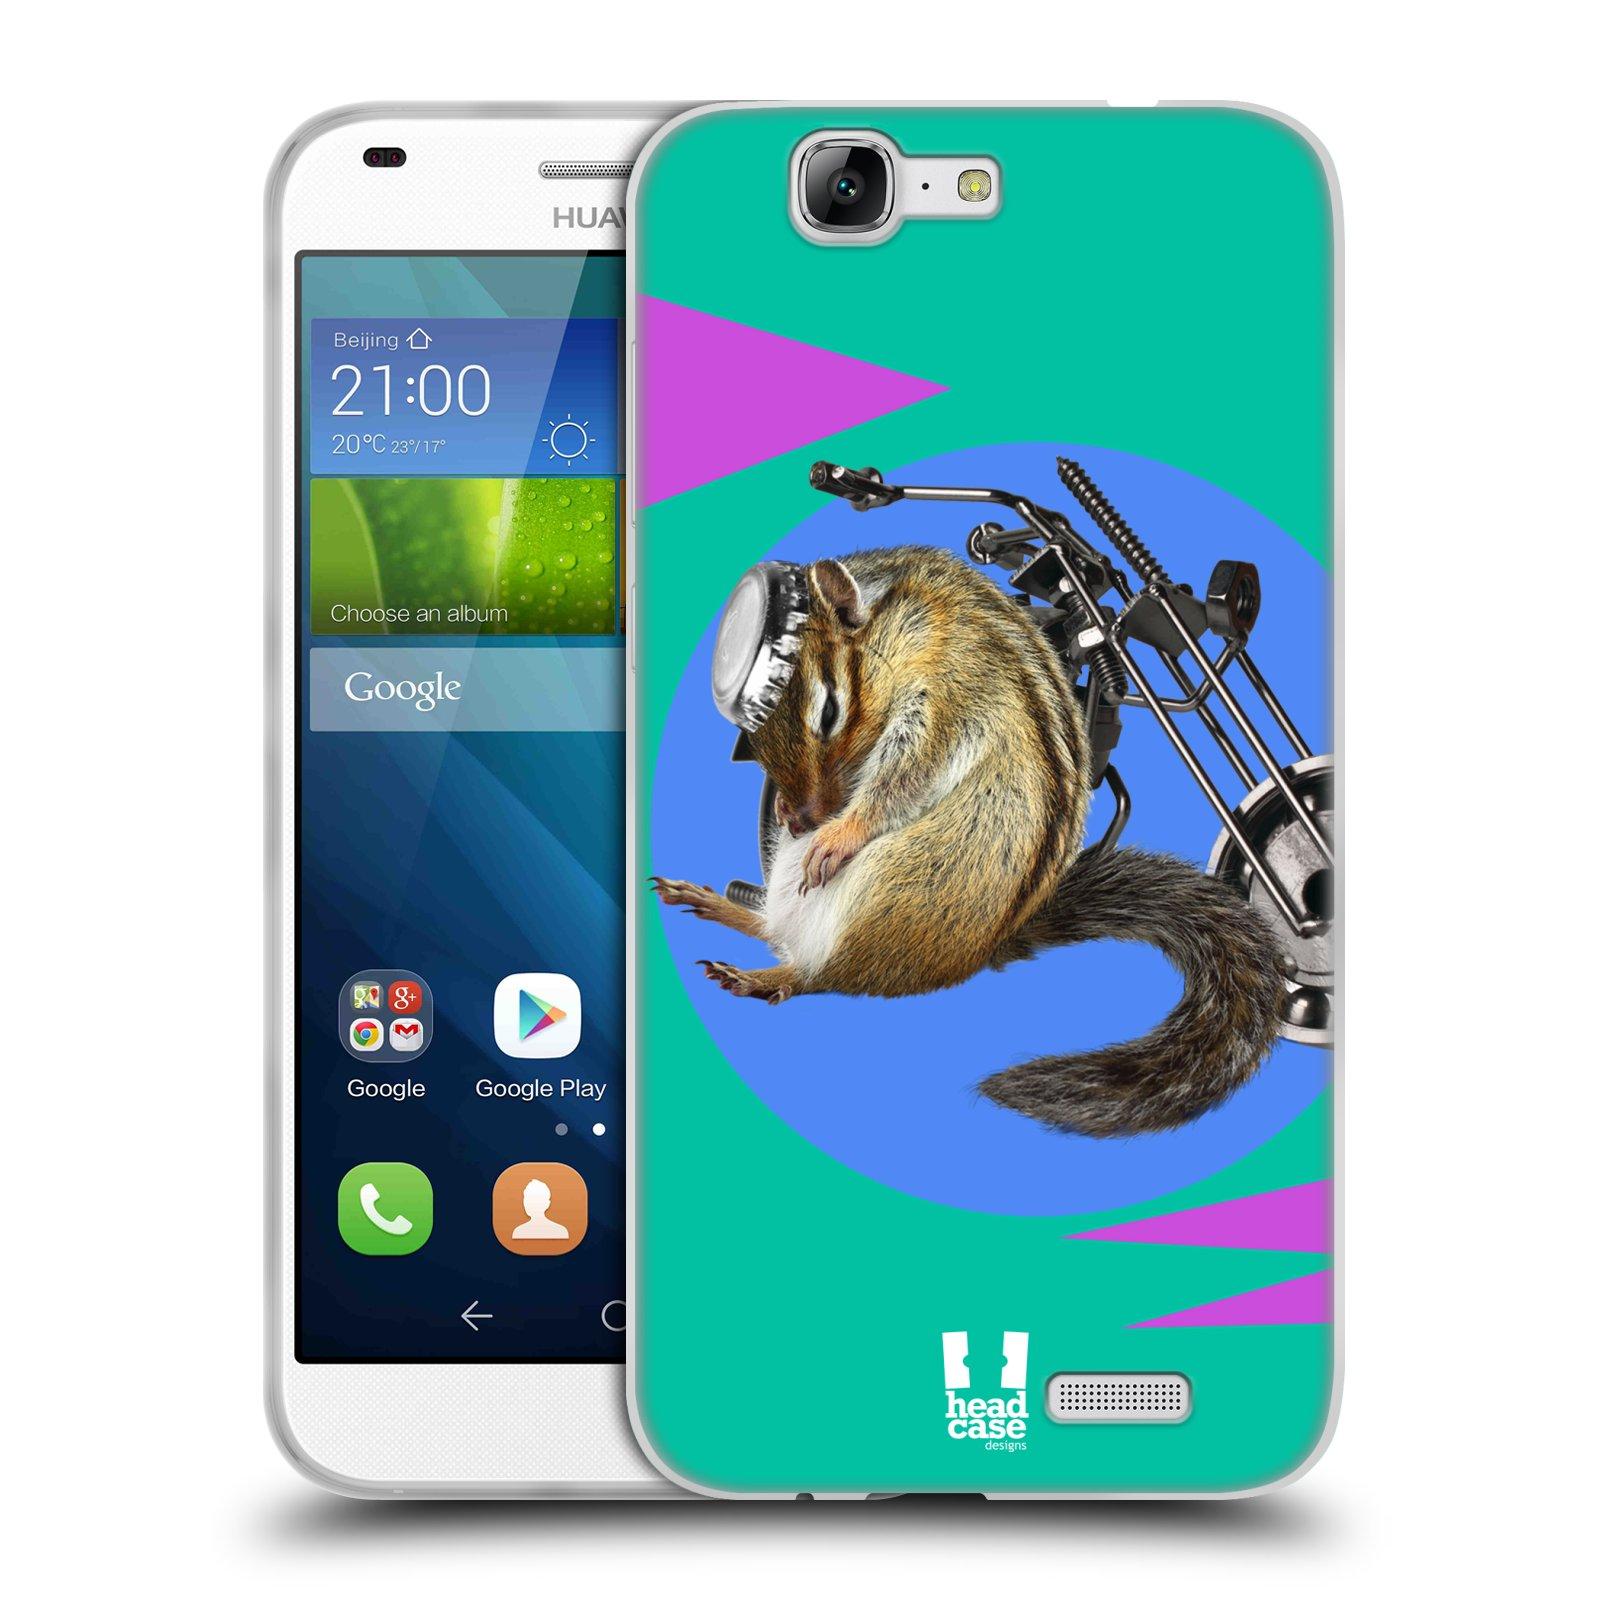 HEAD CASE silikonový obal na mobil Huawei Ascend G7 Legrační zvířátka veverka motorkář chipmunk